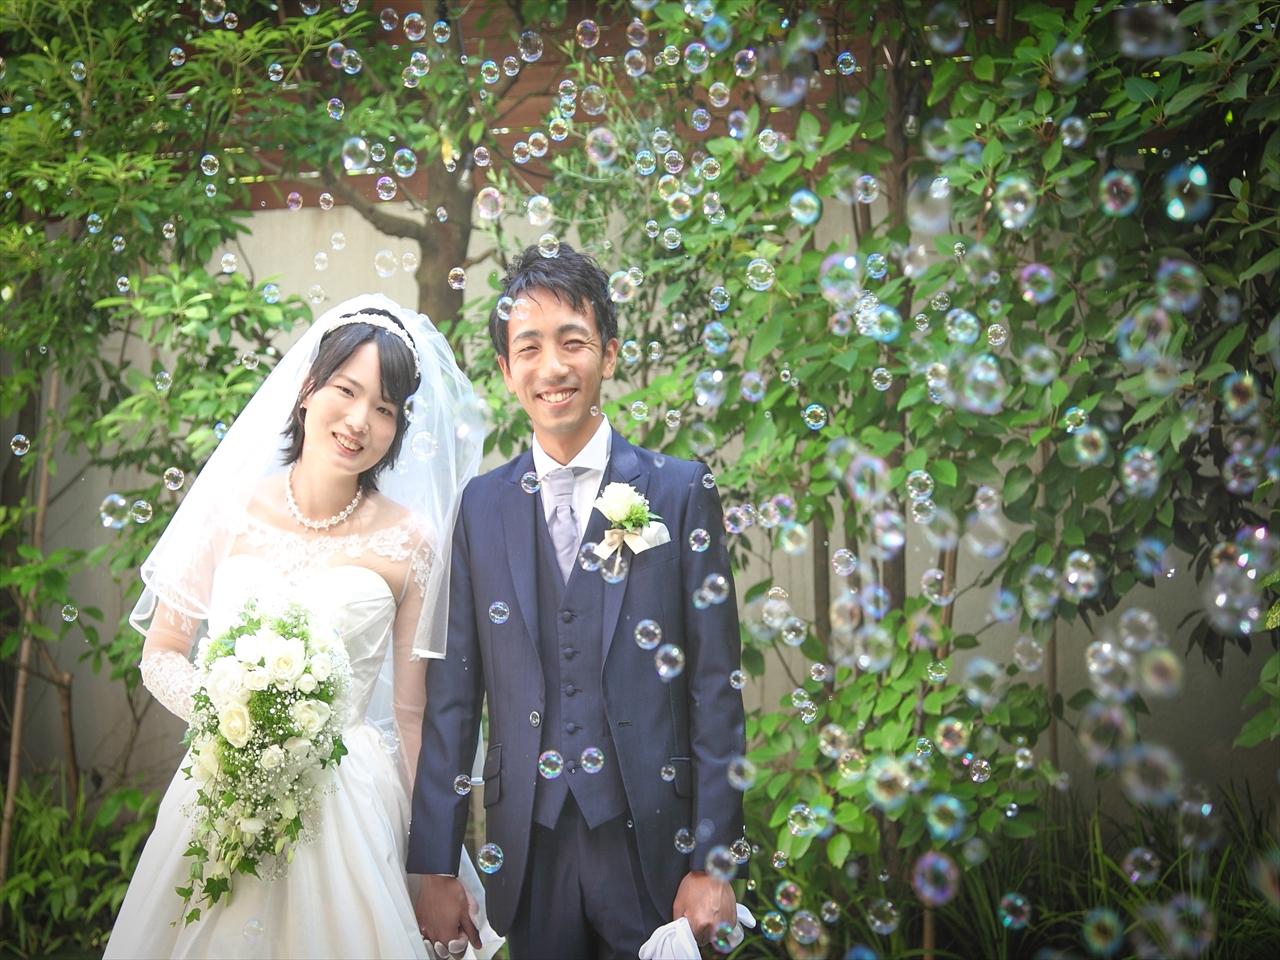 dce0baa193b8f 浜松から打ち合わせに通ってくださったおふたりご家族と親しい方のみのあたたかな結婚式をご希望です